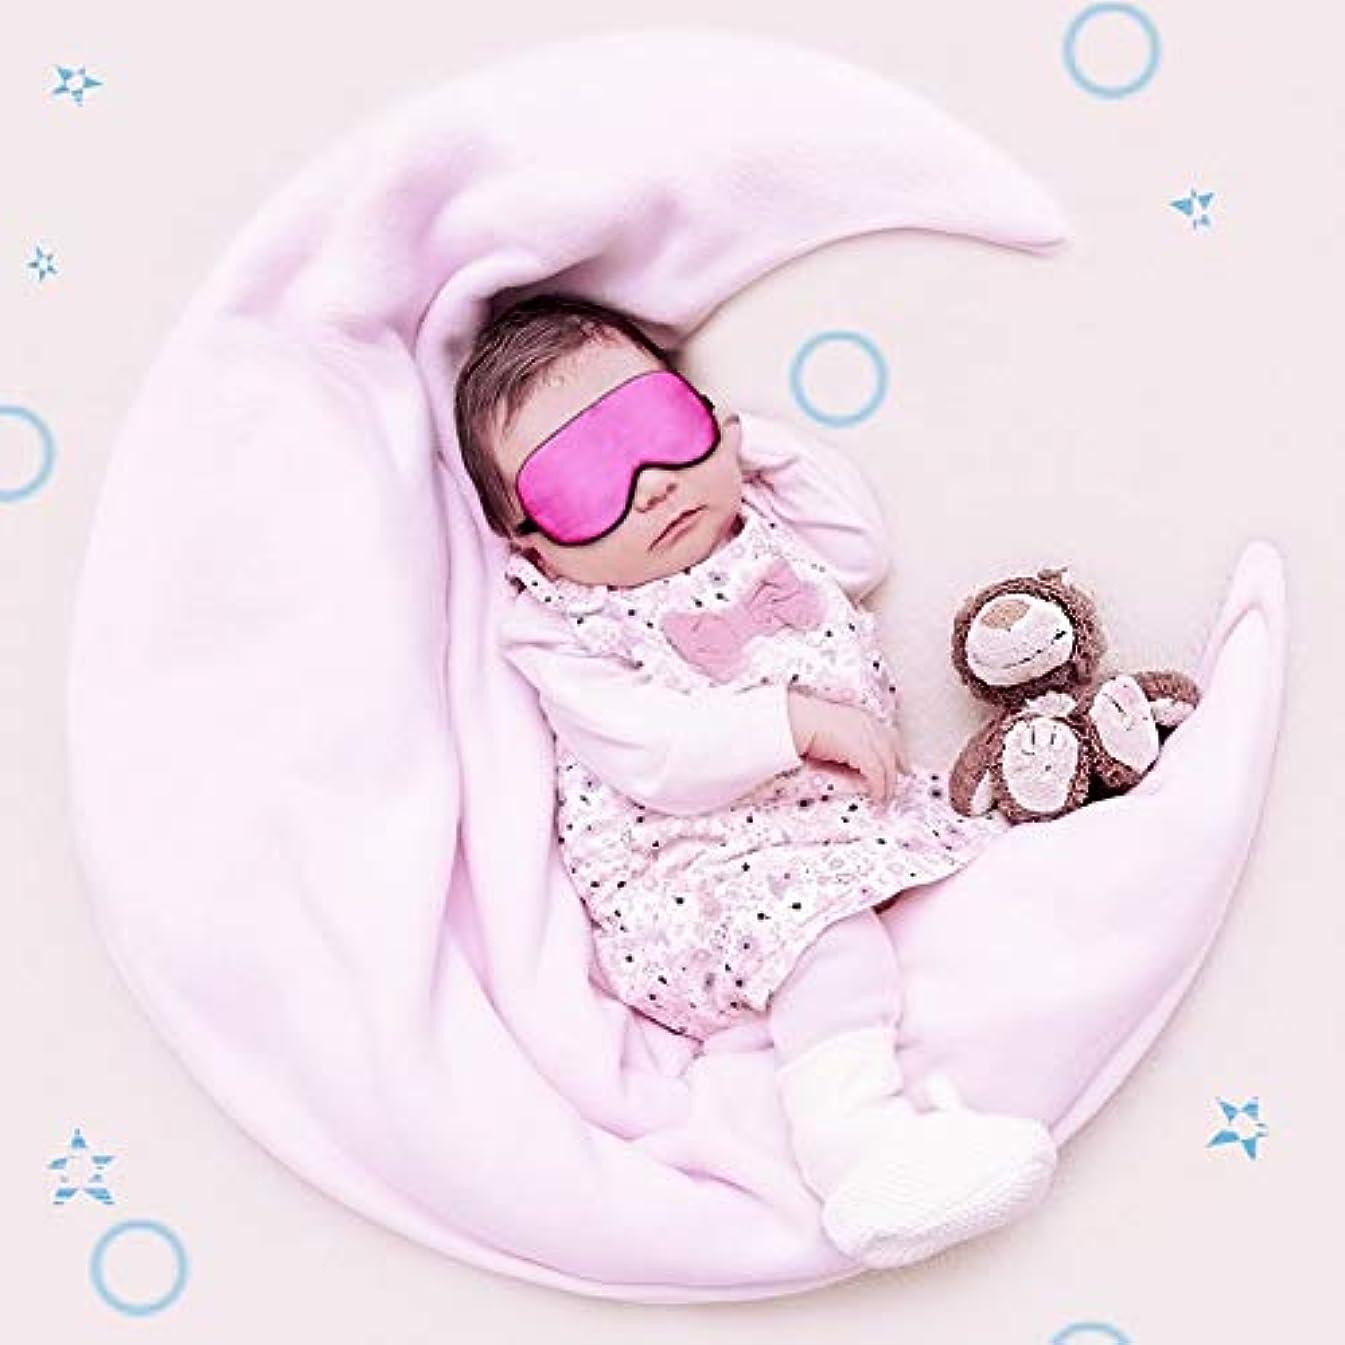 注アイシェード用ベビーアイマスクシルク素材睡眠シェードブルーライトに対して通気性のある子供使用送料無料